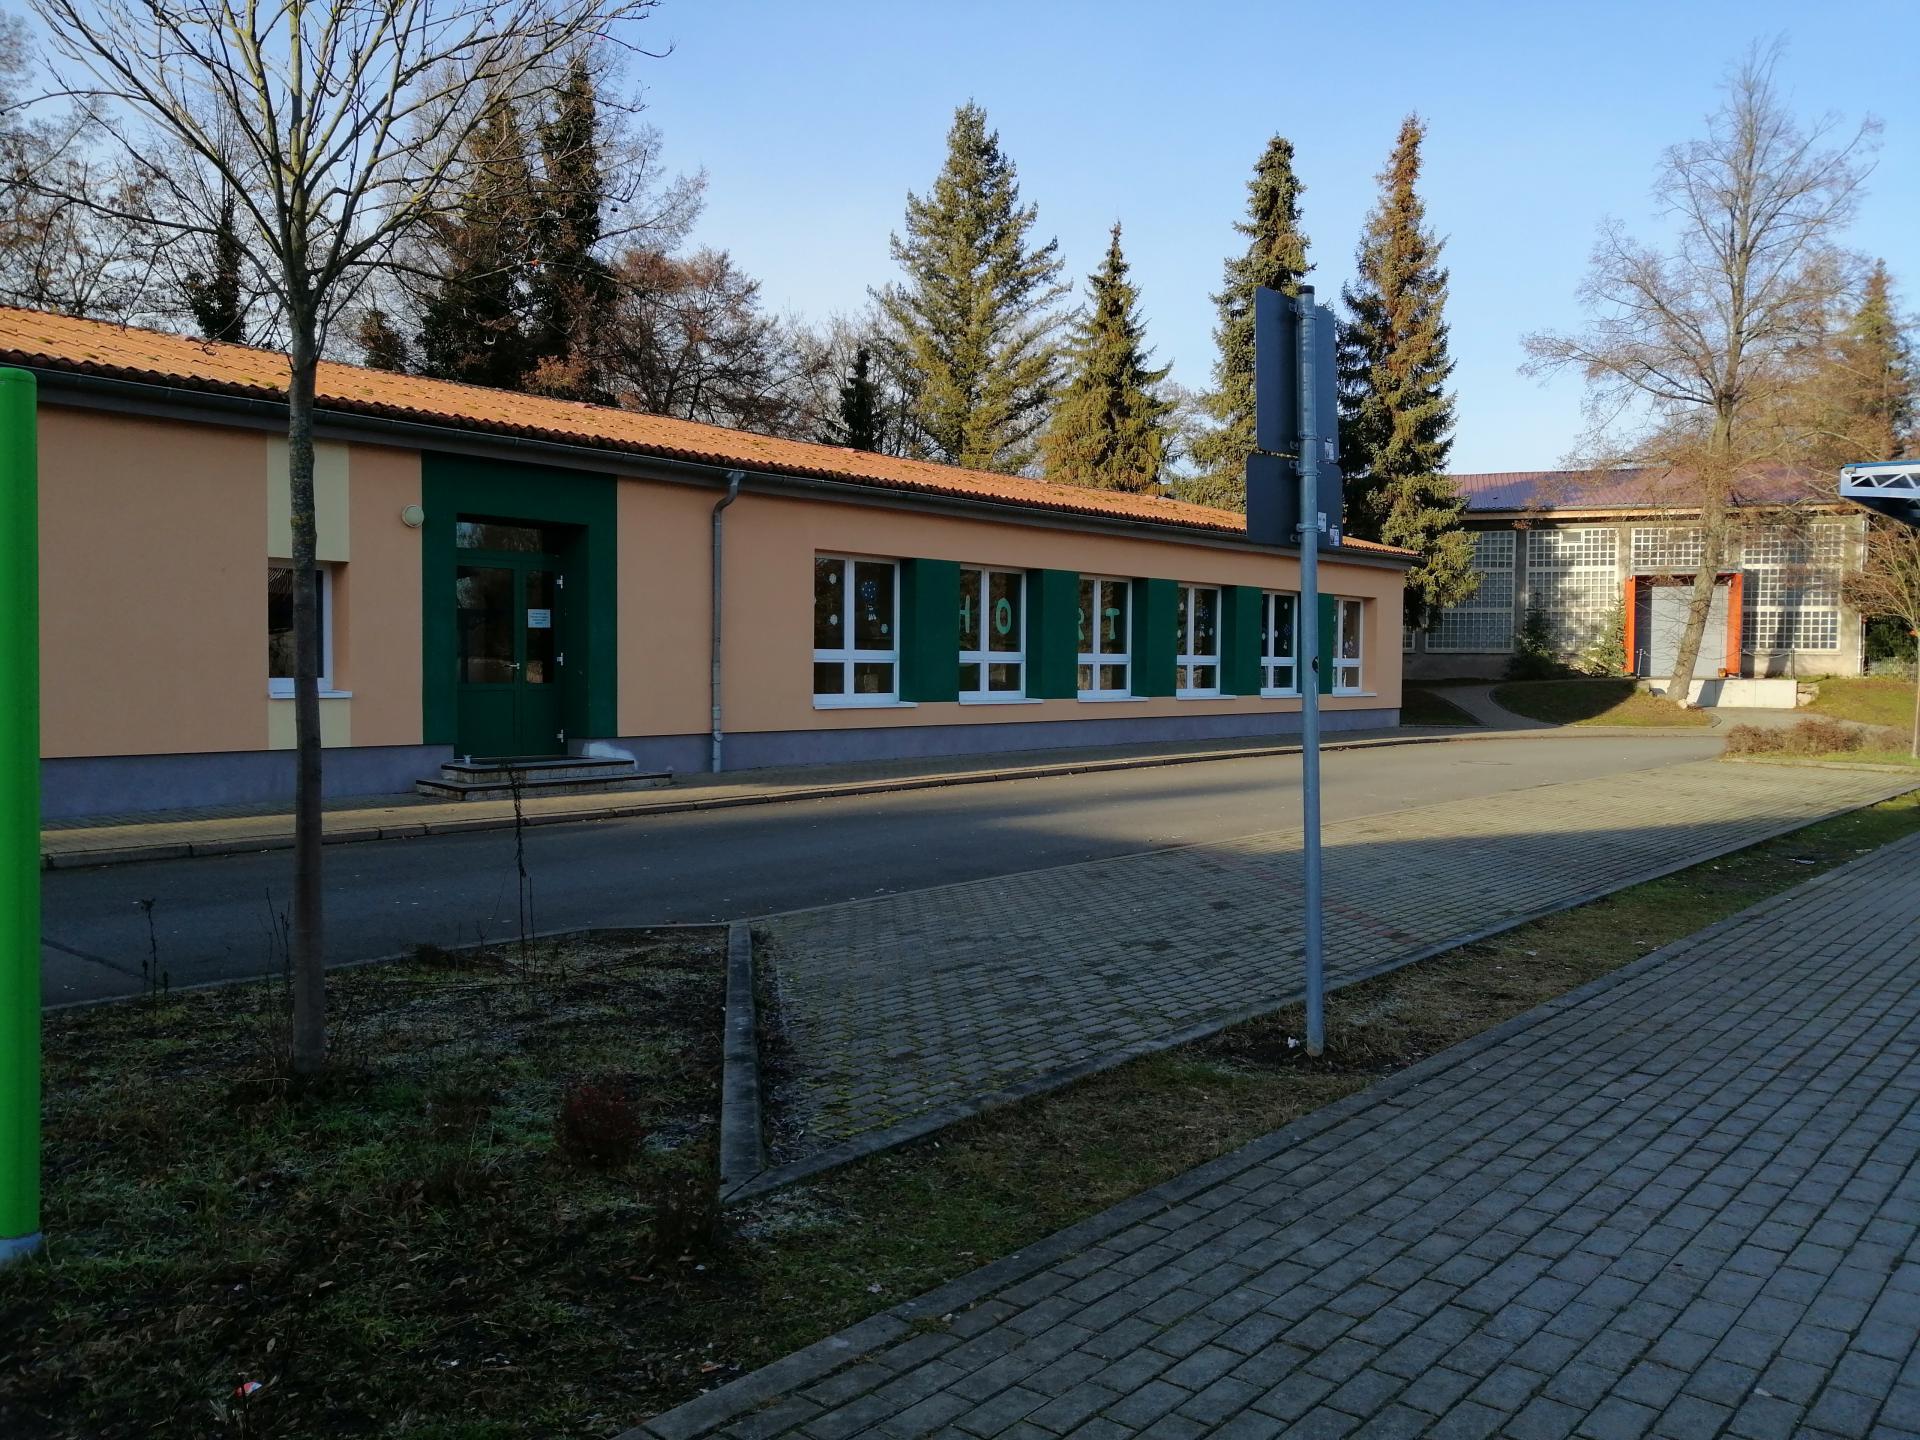 Schülergaststätte